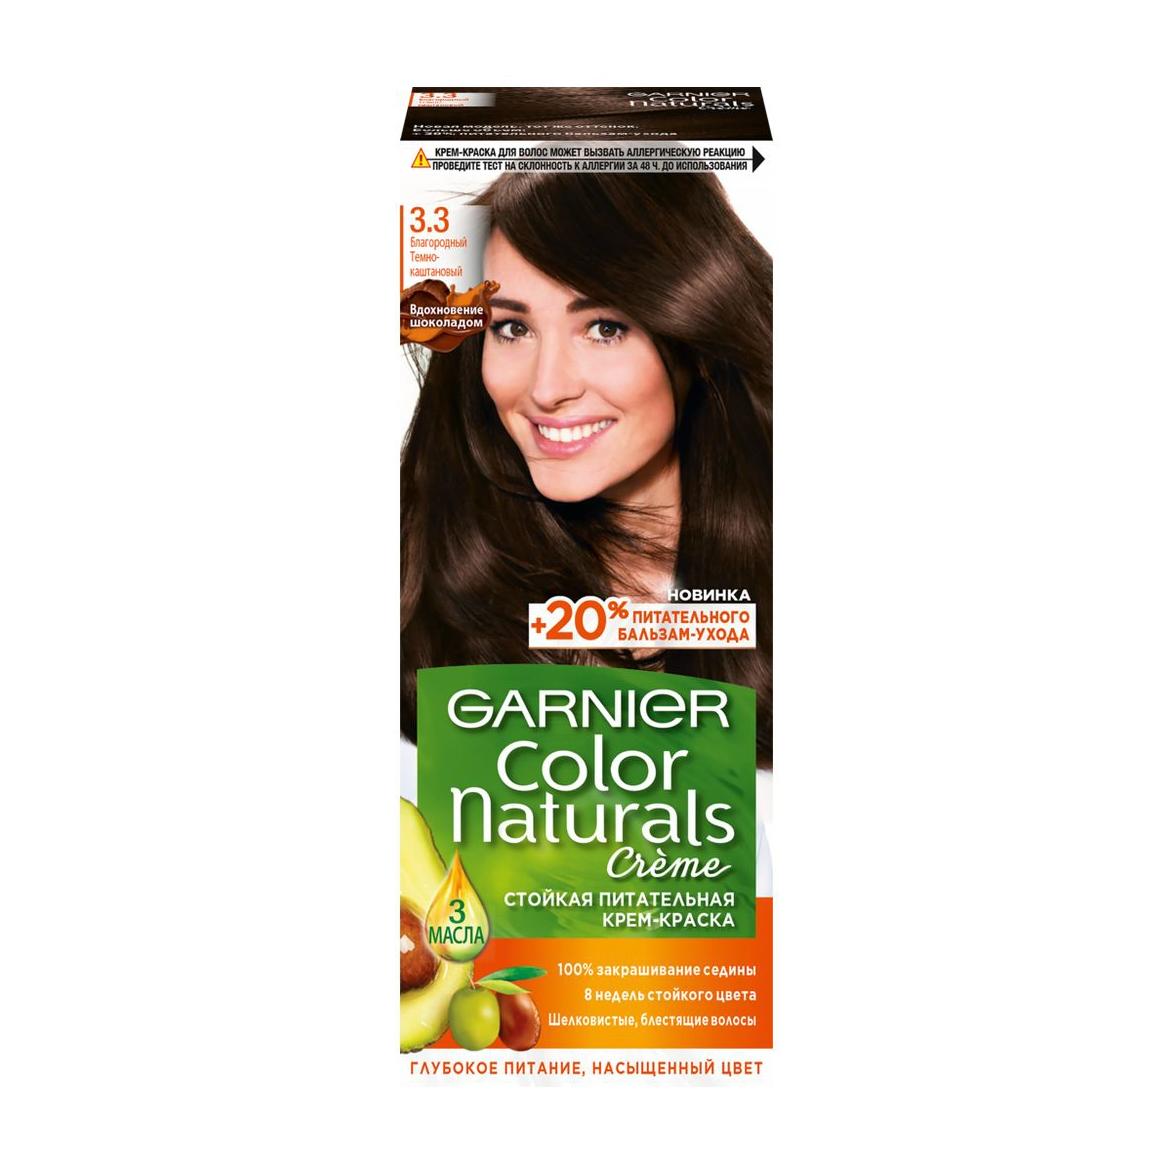 Стойкая крем-краска Garnier Color Naturals с 3 маслами 3.3 Благородный темно-каштановый (C6350875) недорого